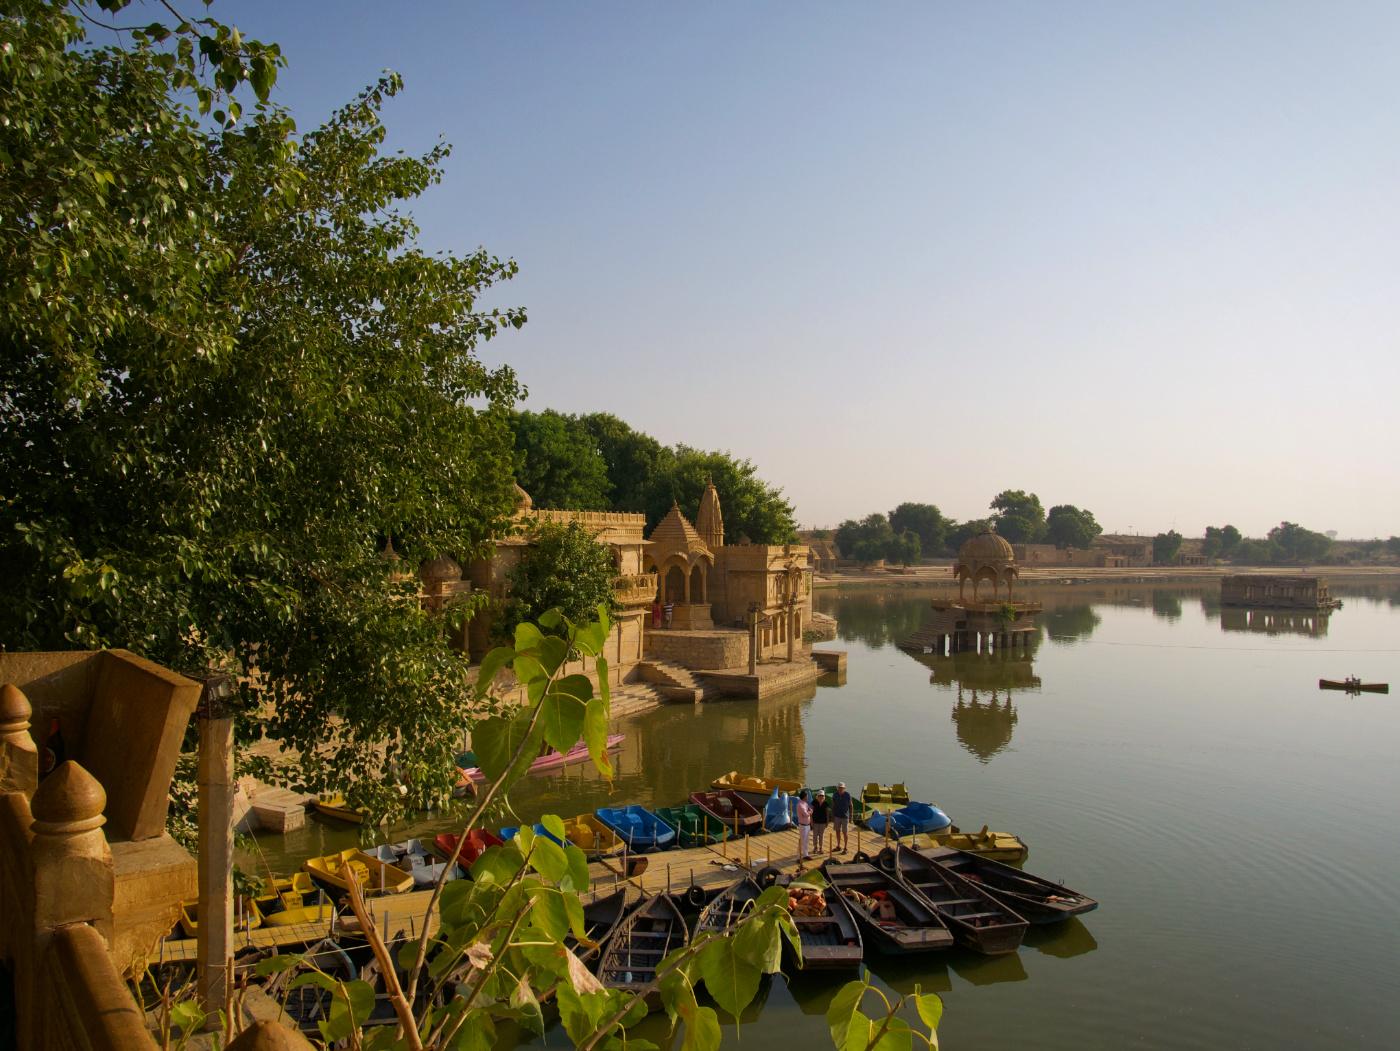 528-India-Jaisalmer